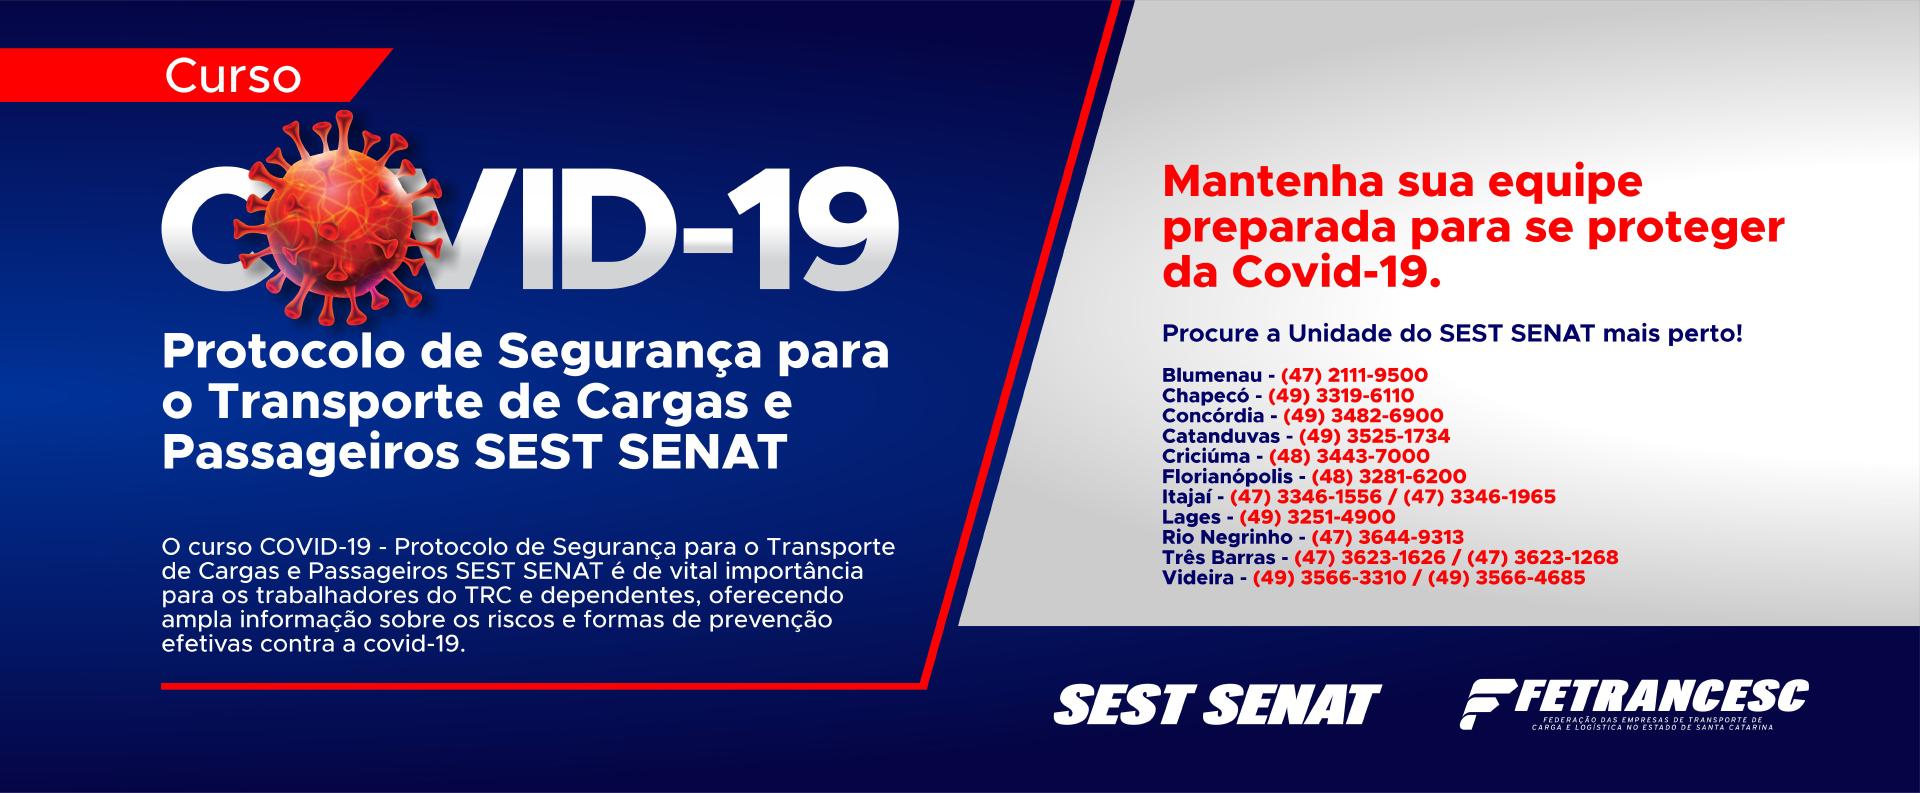 http://www.fetrancesc.com.br/noticia/sistema-fetrancesc-e-sest-senatsc-unidos-pelo-achatamento-da-curva-de-contagio-da-covid-19